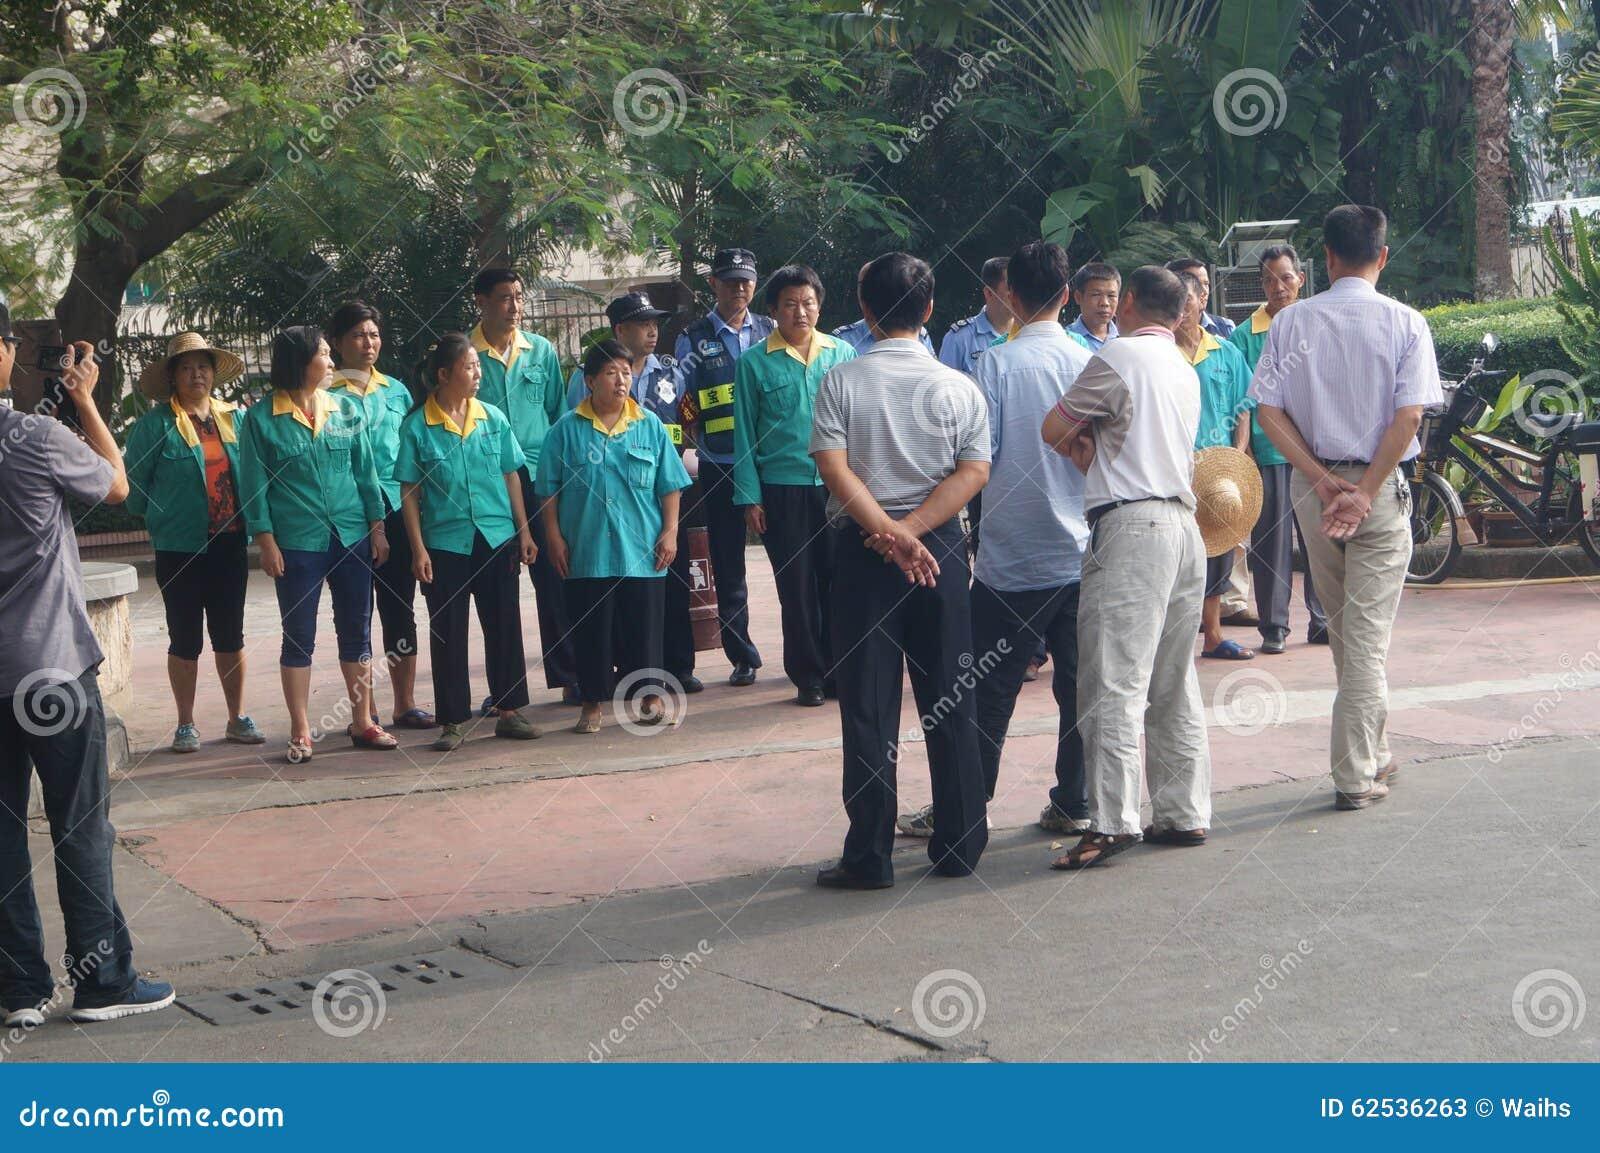 卫生工作者和被设置的治安警卫